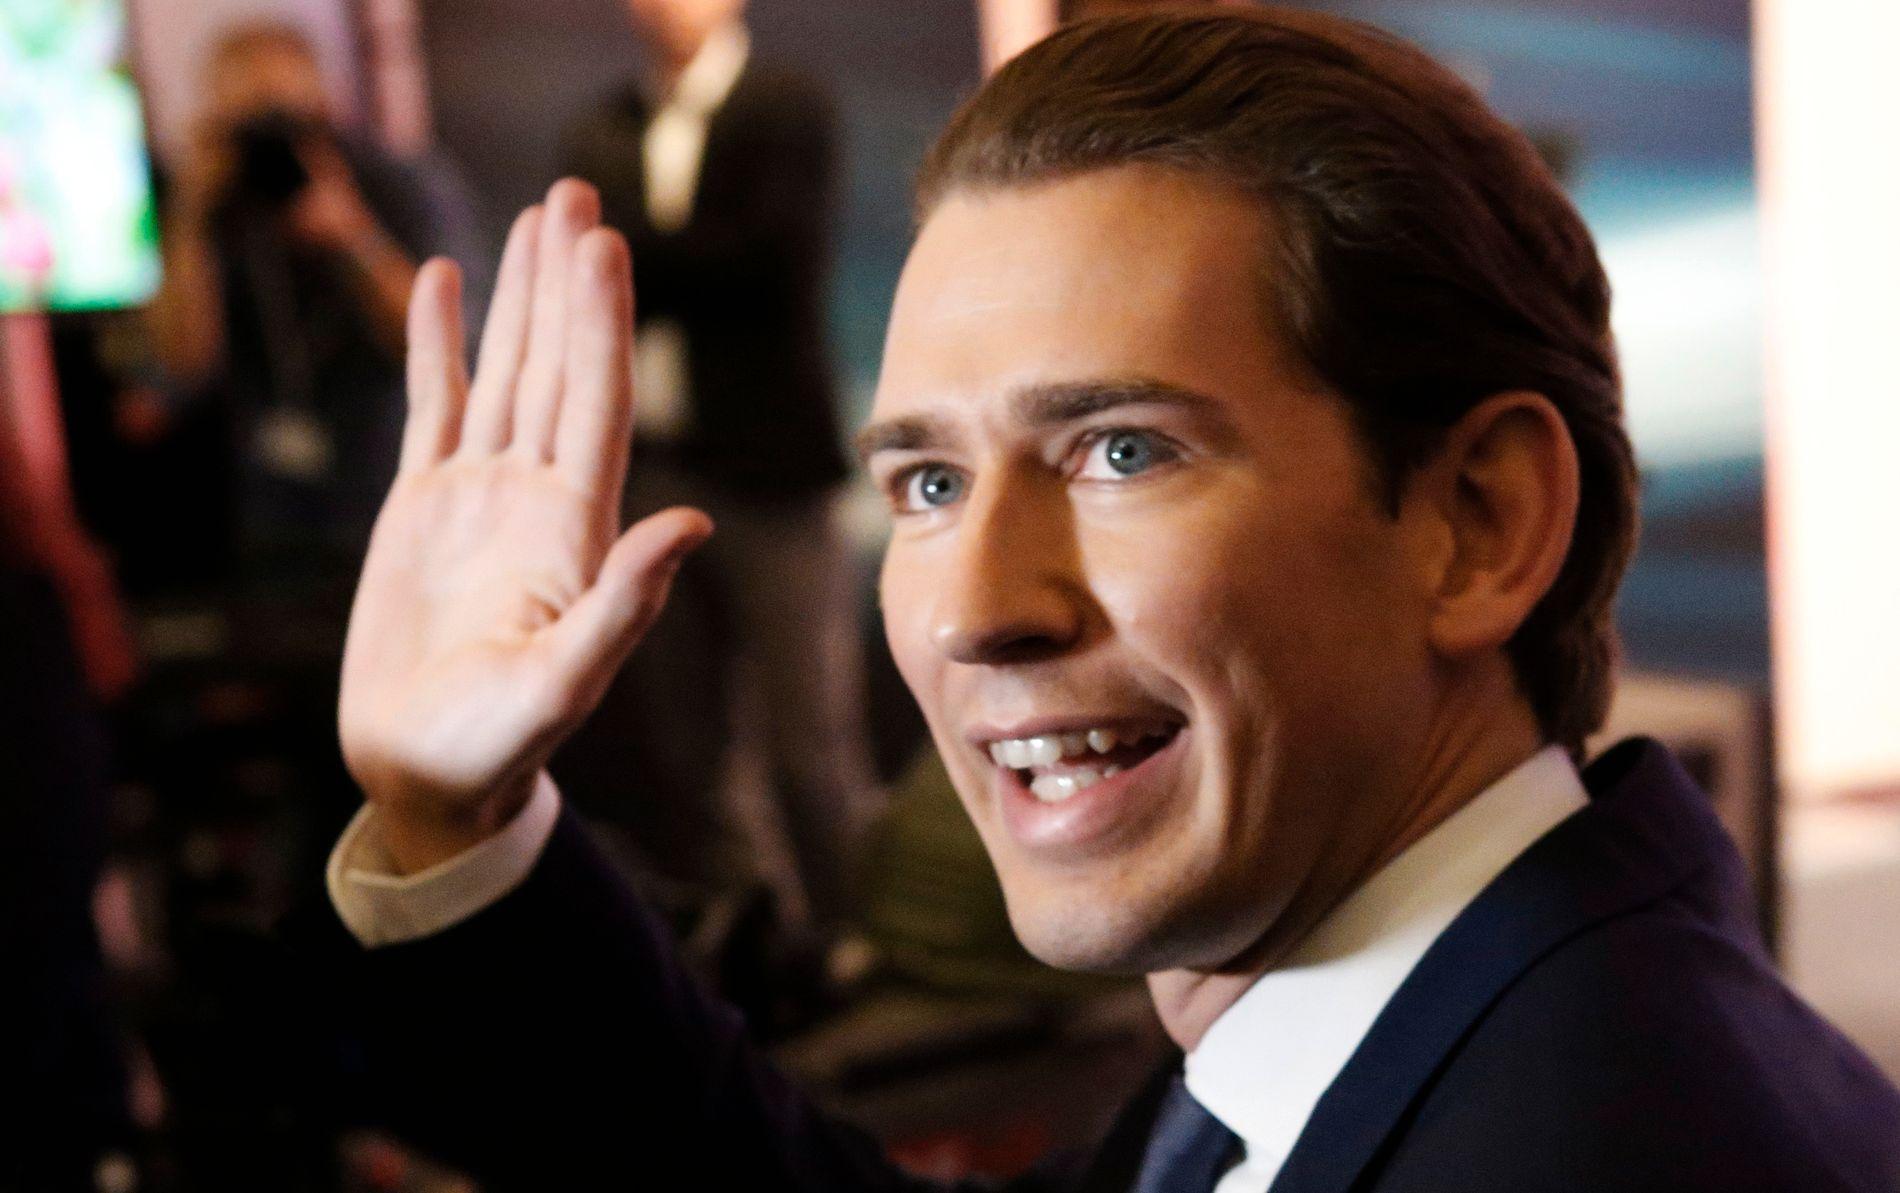 VALGVINNER: Sebastian Kurz (31), leder av det konservative folkepartiet ÖVF, erklærte seg for valgets vinner søndag kveld.